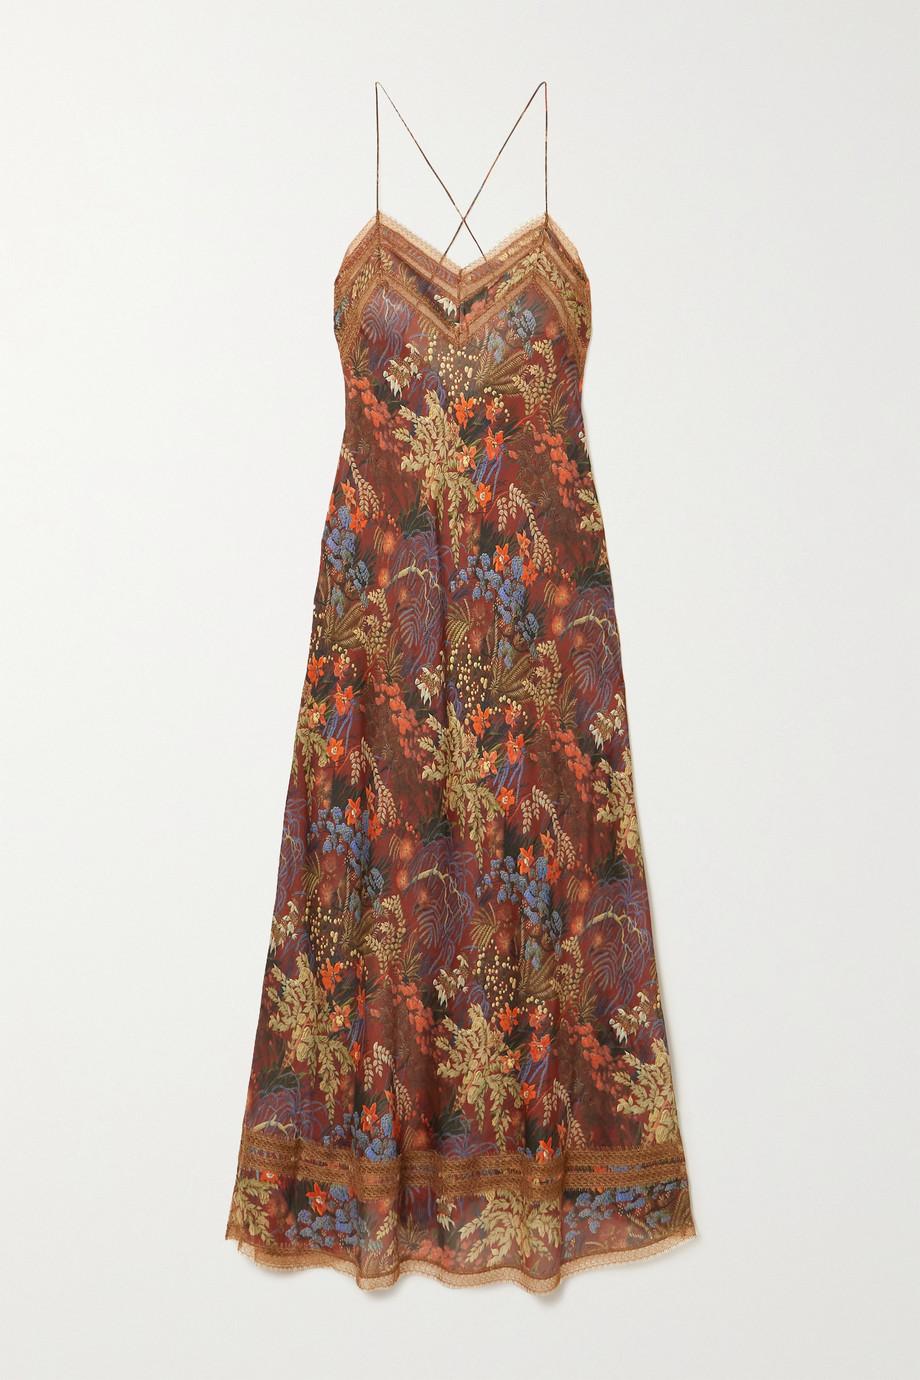 Carine Gilson Nachthemd aus Seidensatin mit Blumenprint und Besätzen aus Chantilly-Spitze